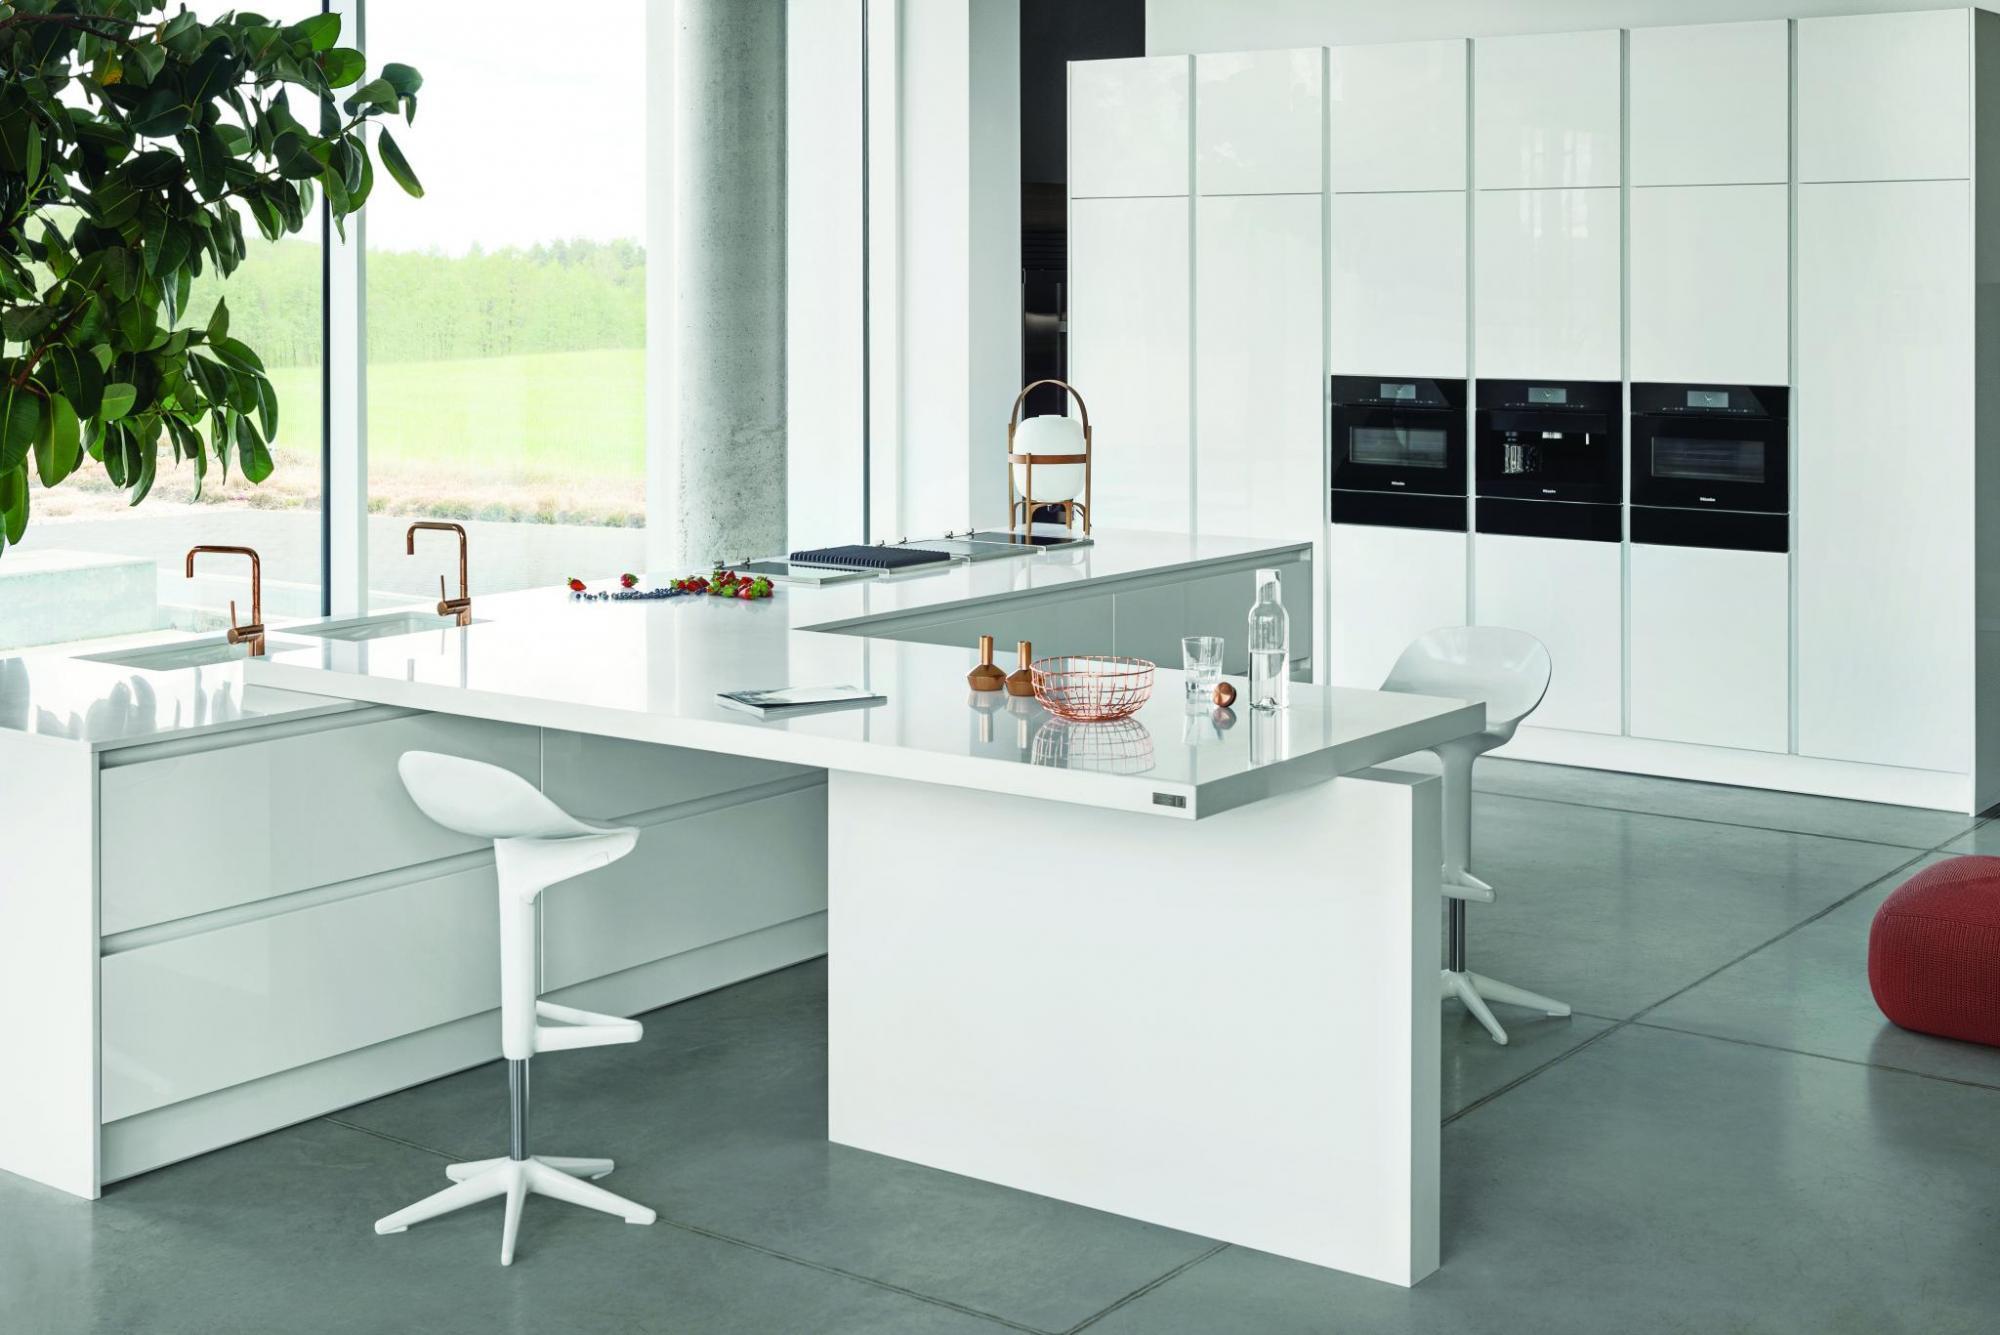 Kuchnia doceniana za minimalistyczny styl,